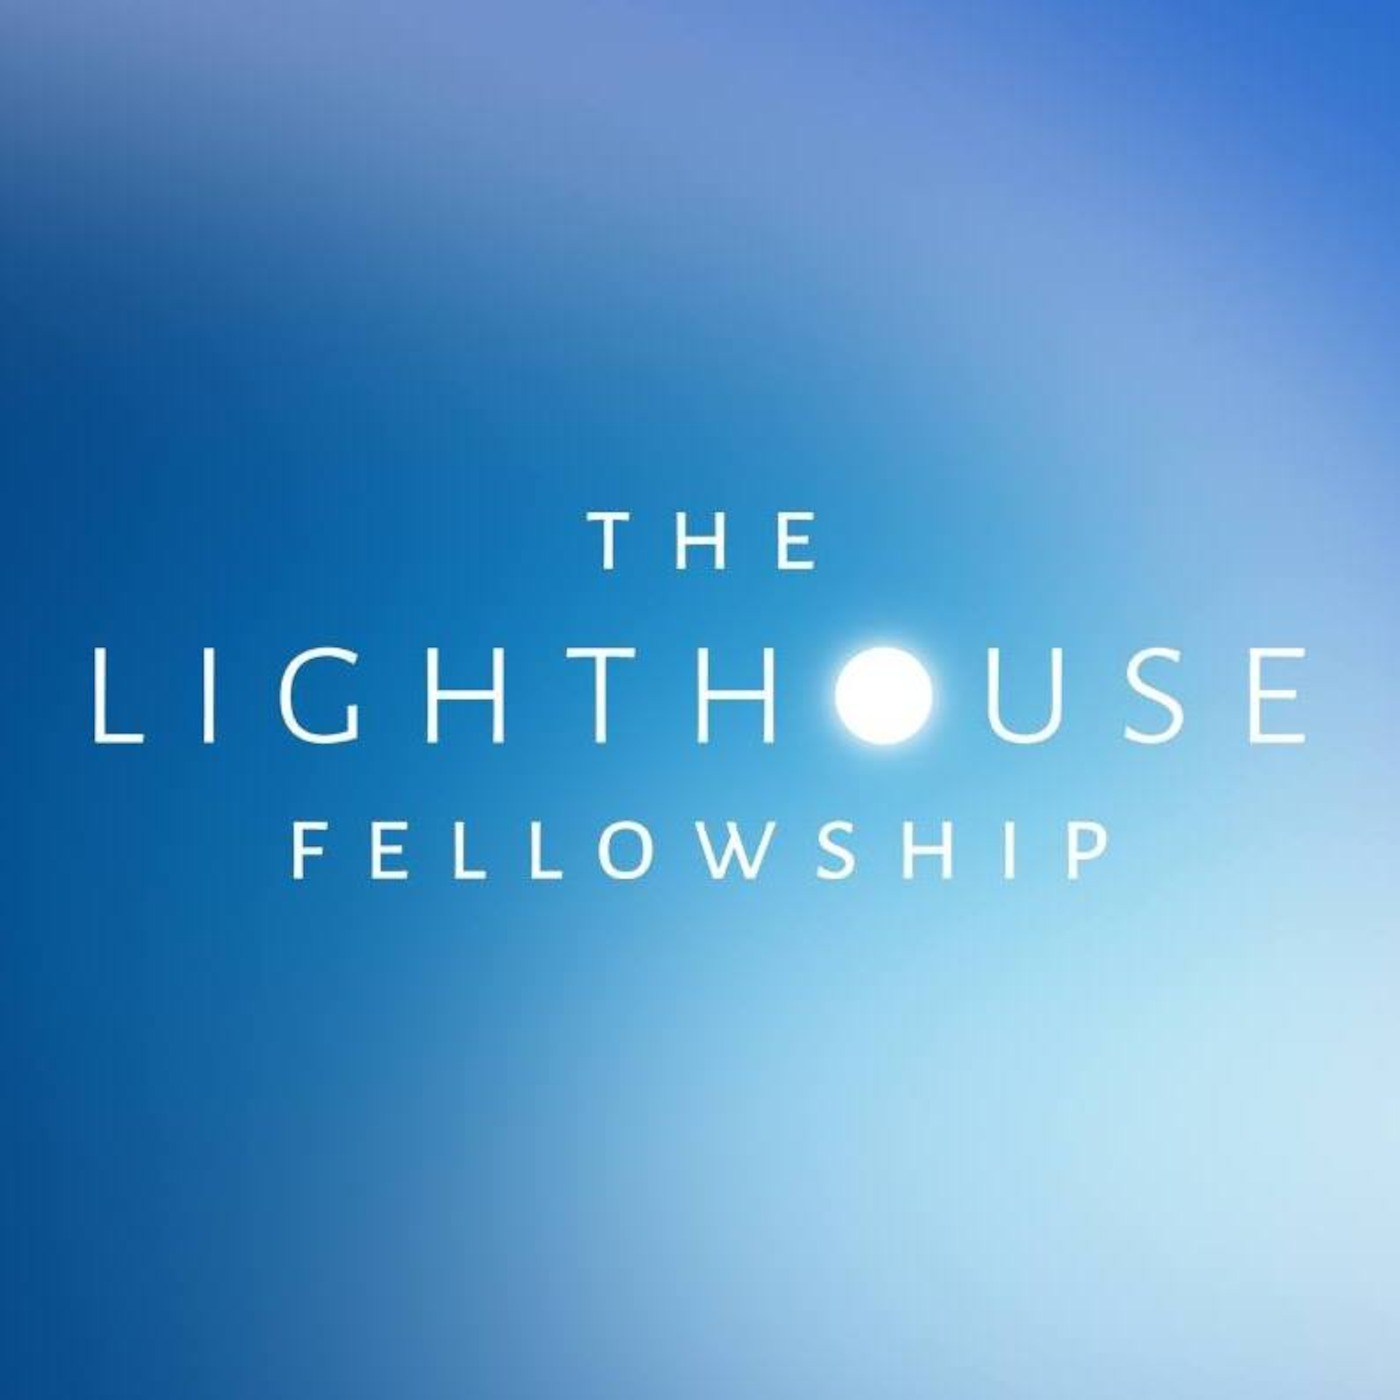 The Lighthouse Fellowship